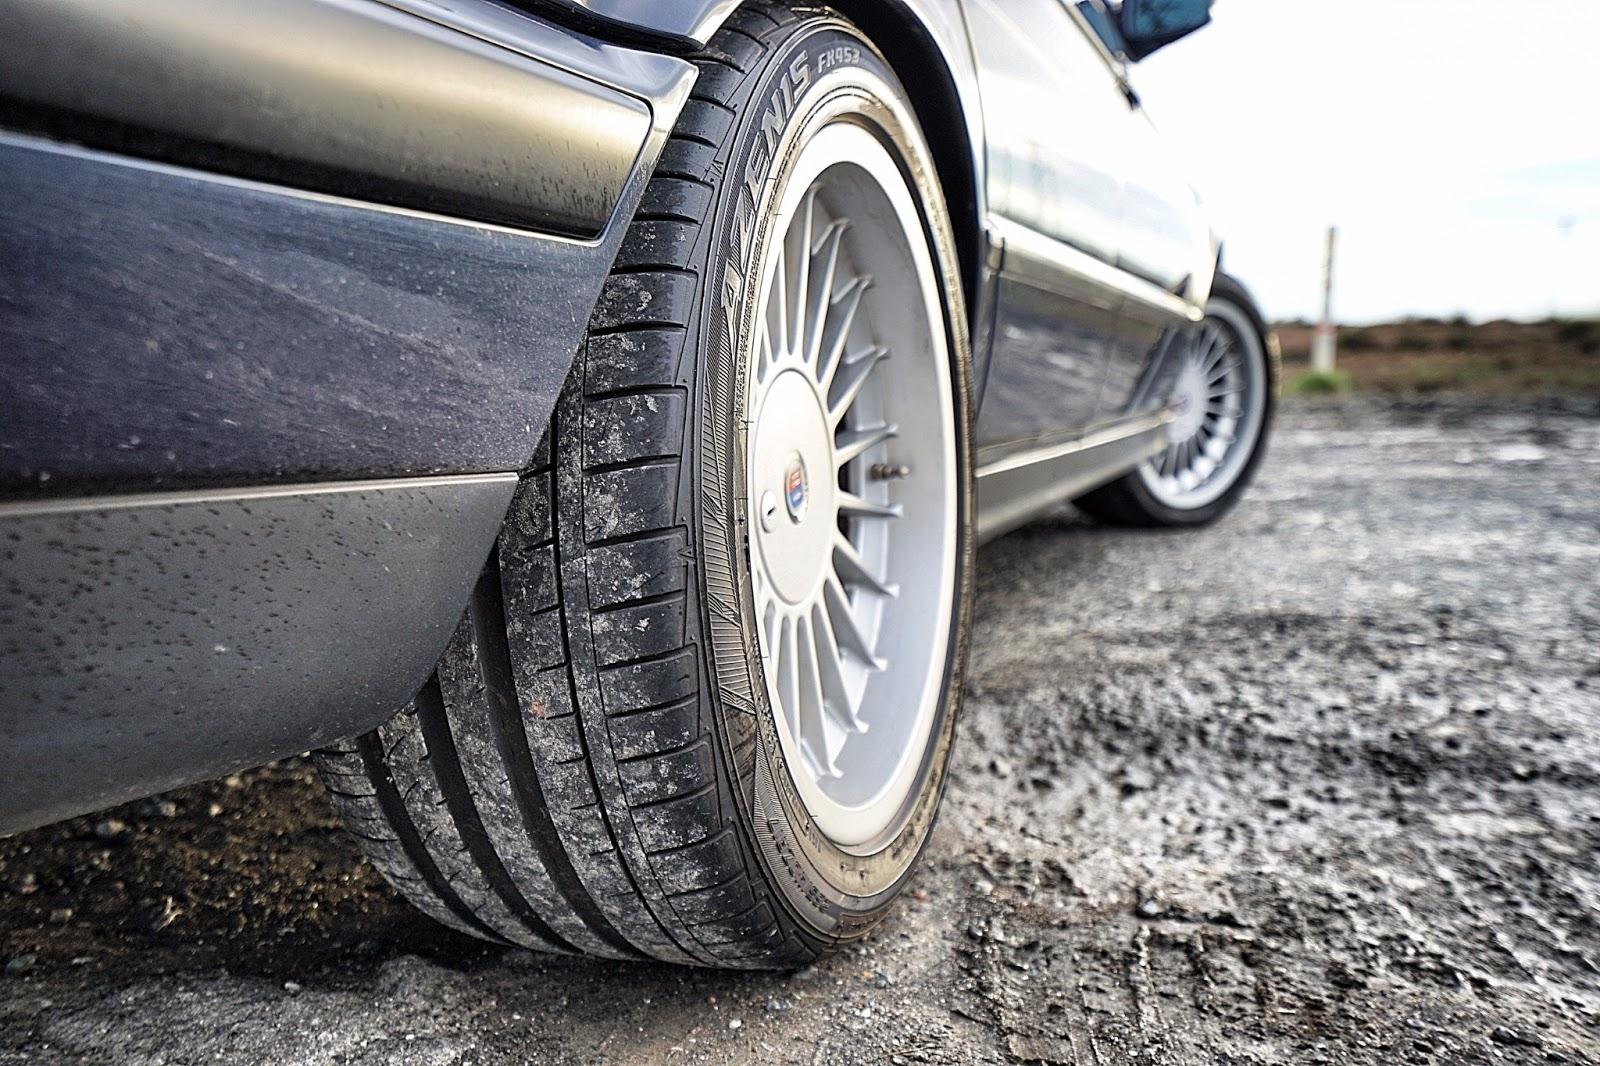 1990_B10_Bi-Turbo_34